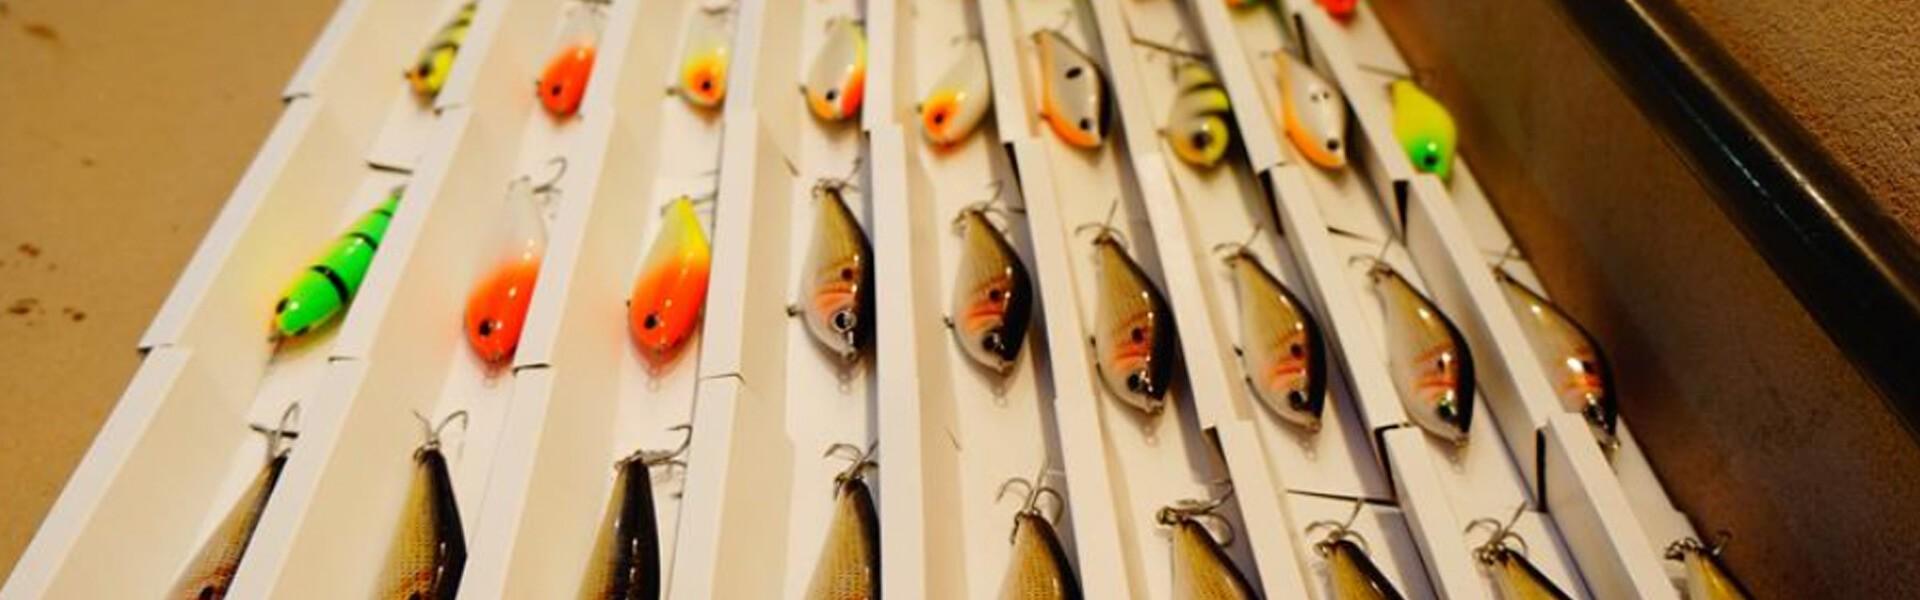 Mercado da pesca esportiva